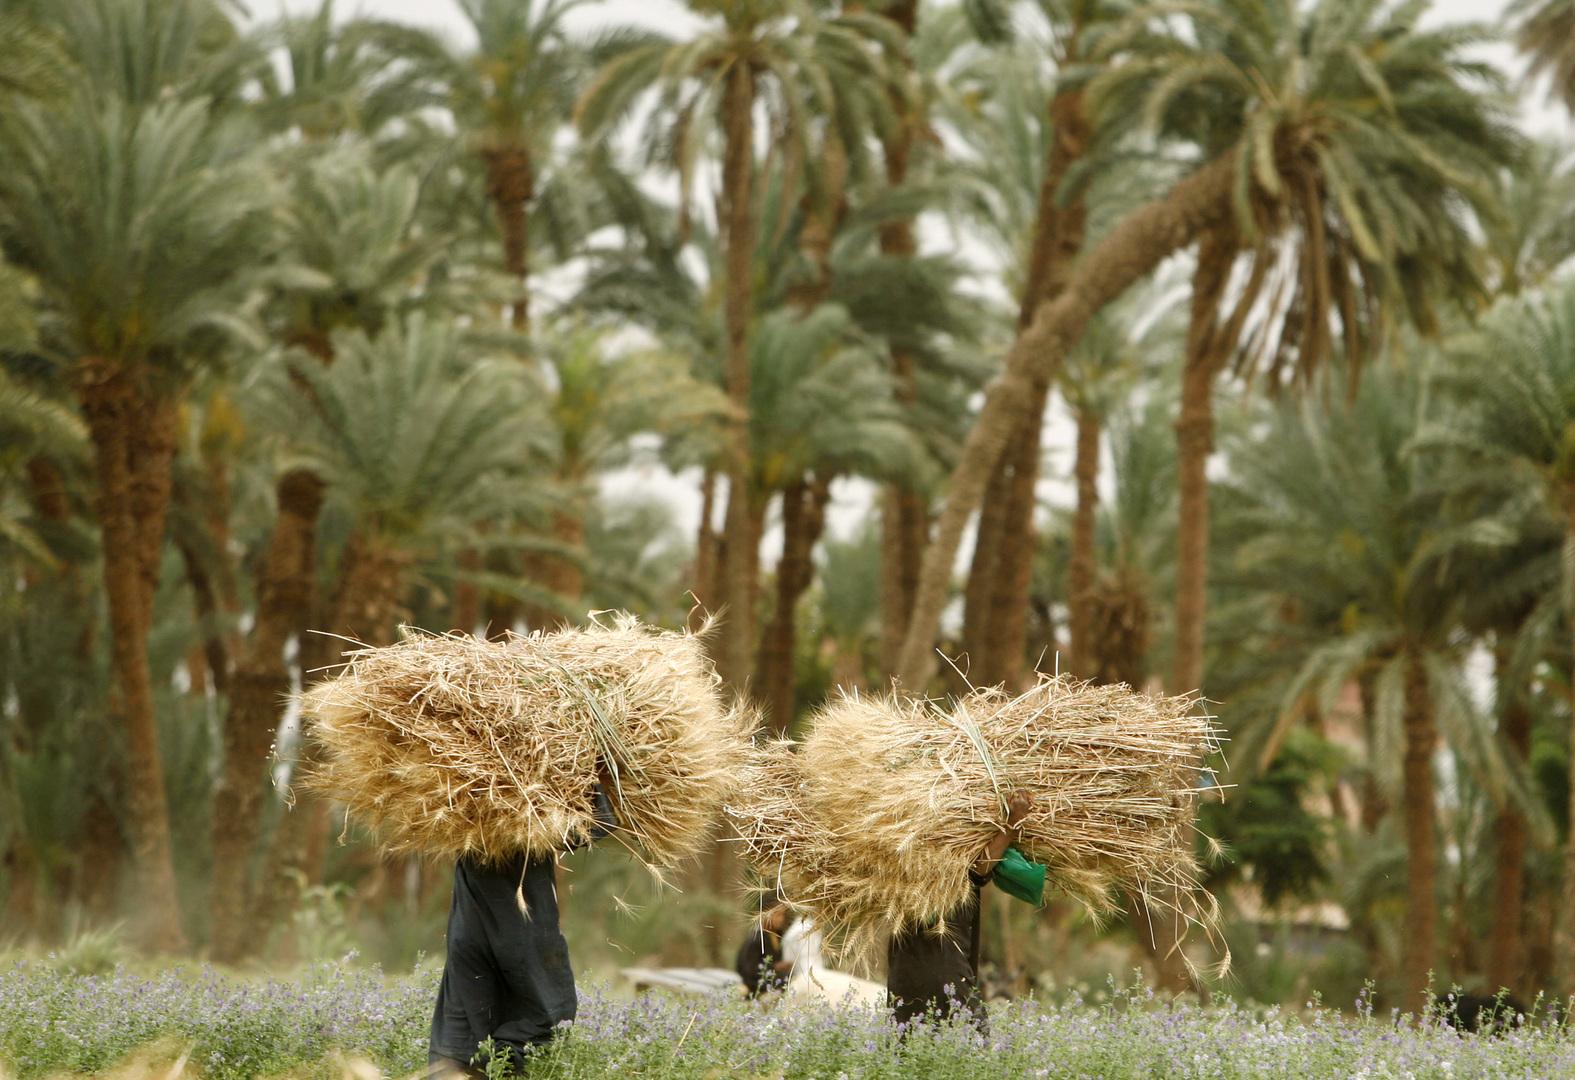 الزراعة المصرية: صادراتنا تغزو أسواق العالم حتى خلال أزمة كورونا